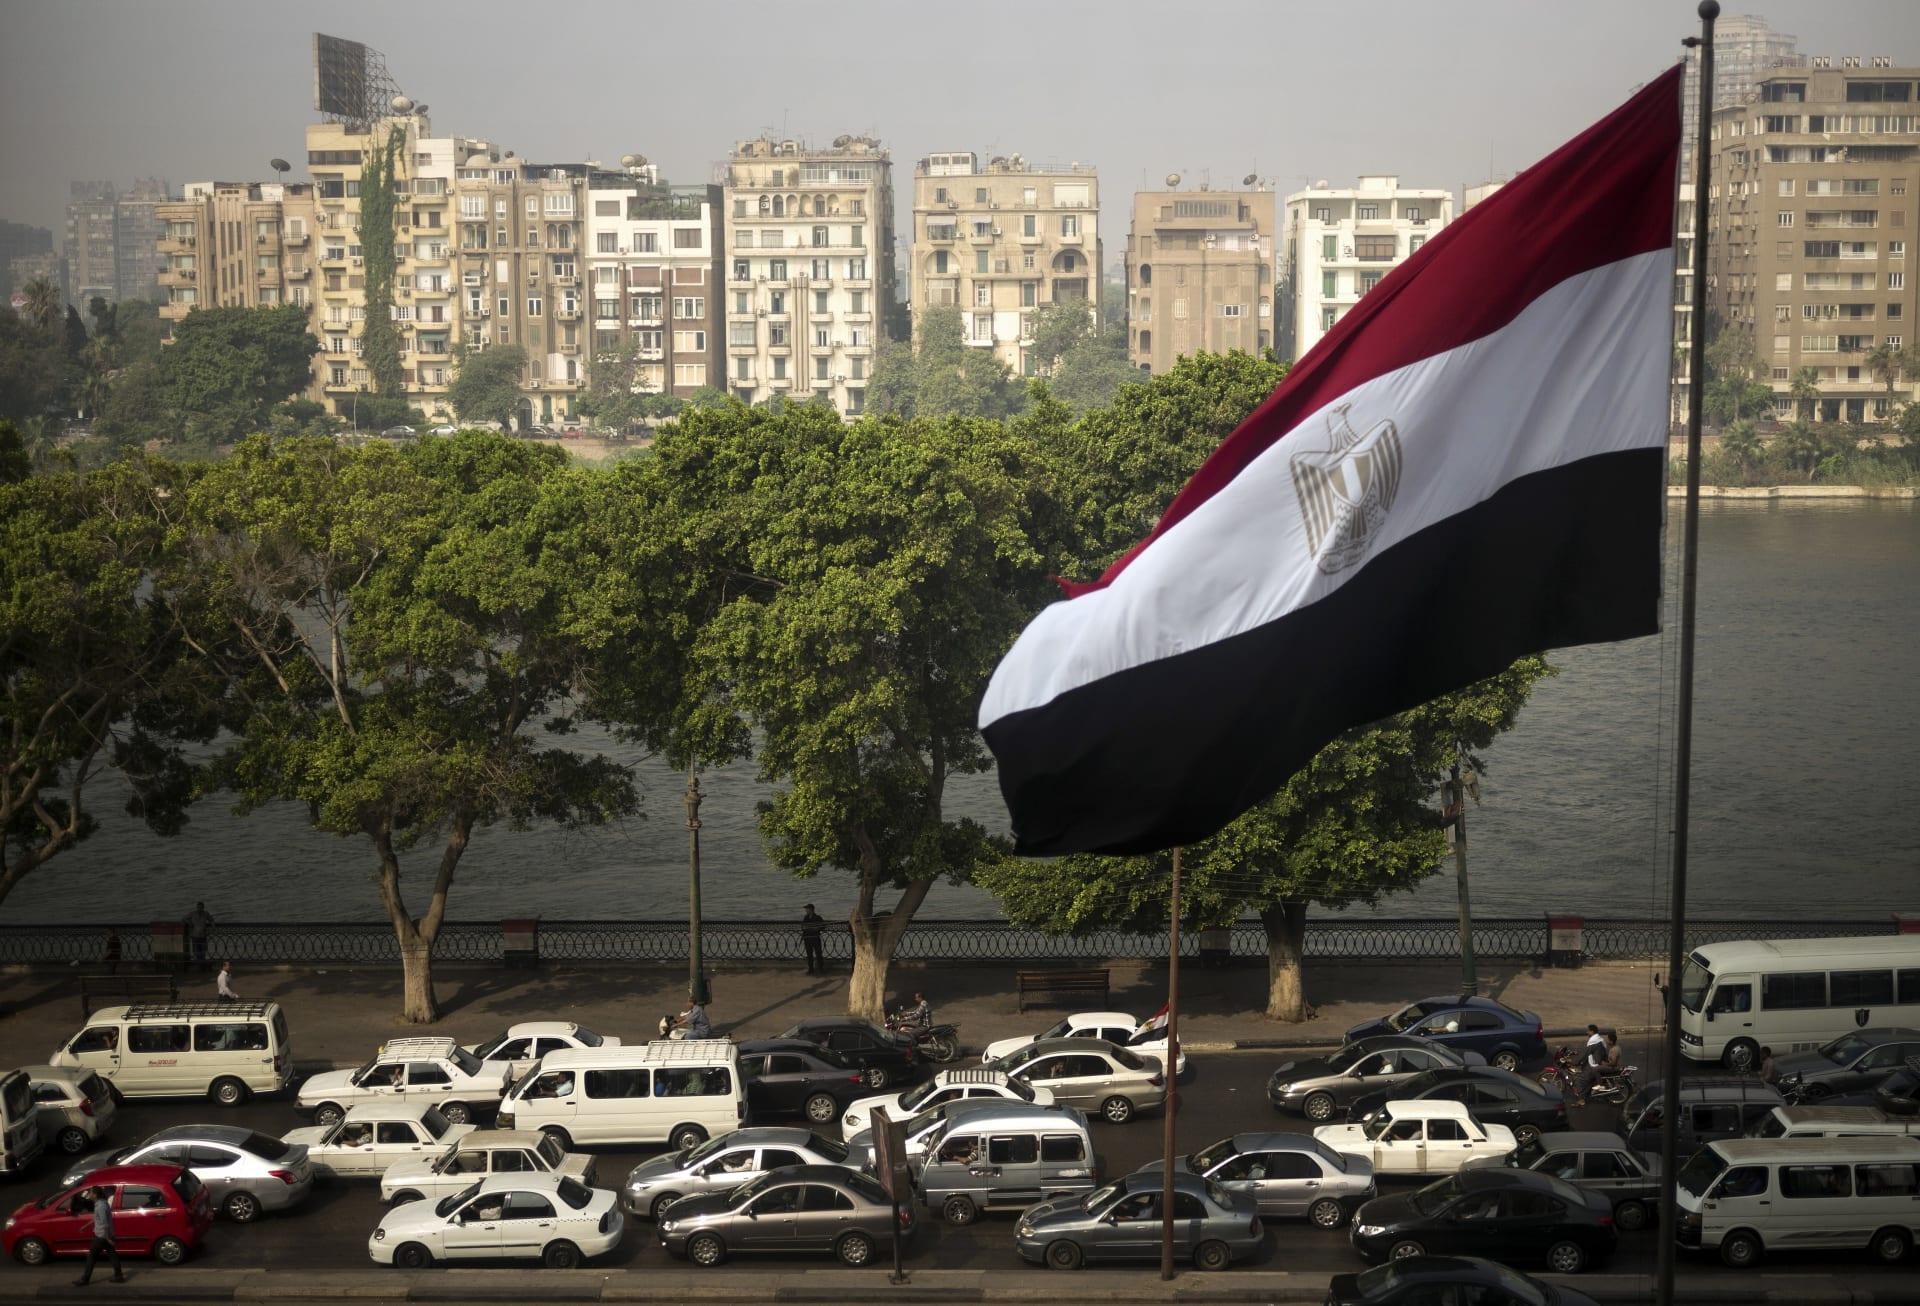 صورة أرشيفية للعلم المصري بأحد شوارع البلاد